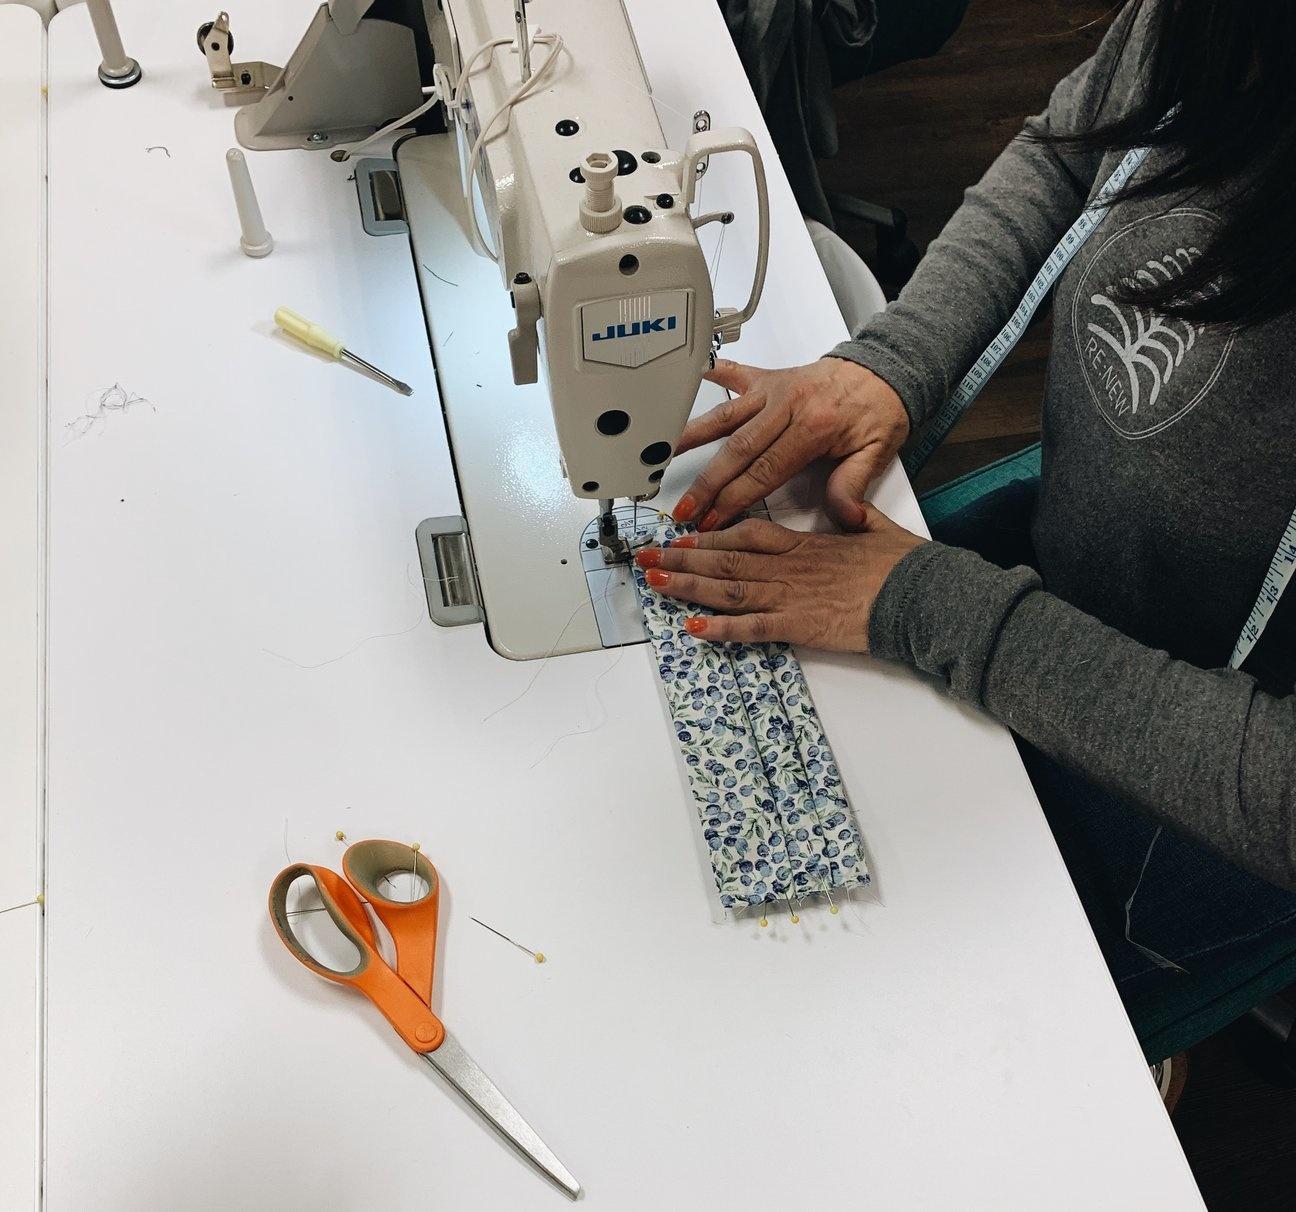 The Joy in Serving. By Deb Wieland, Volunteer Sewing Teacher